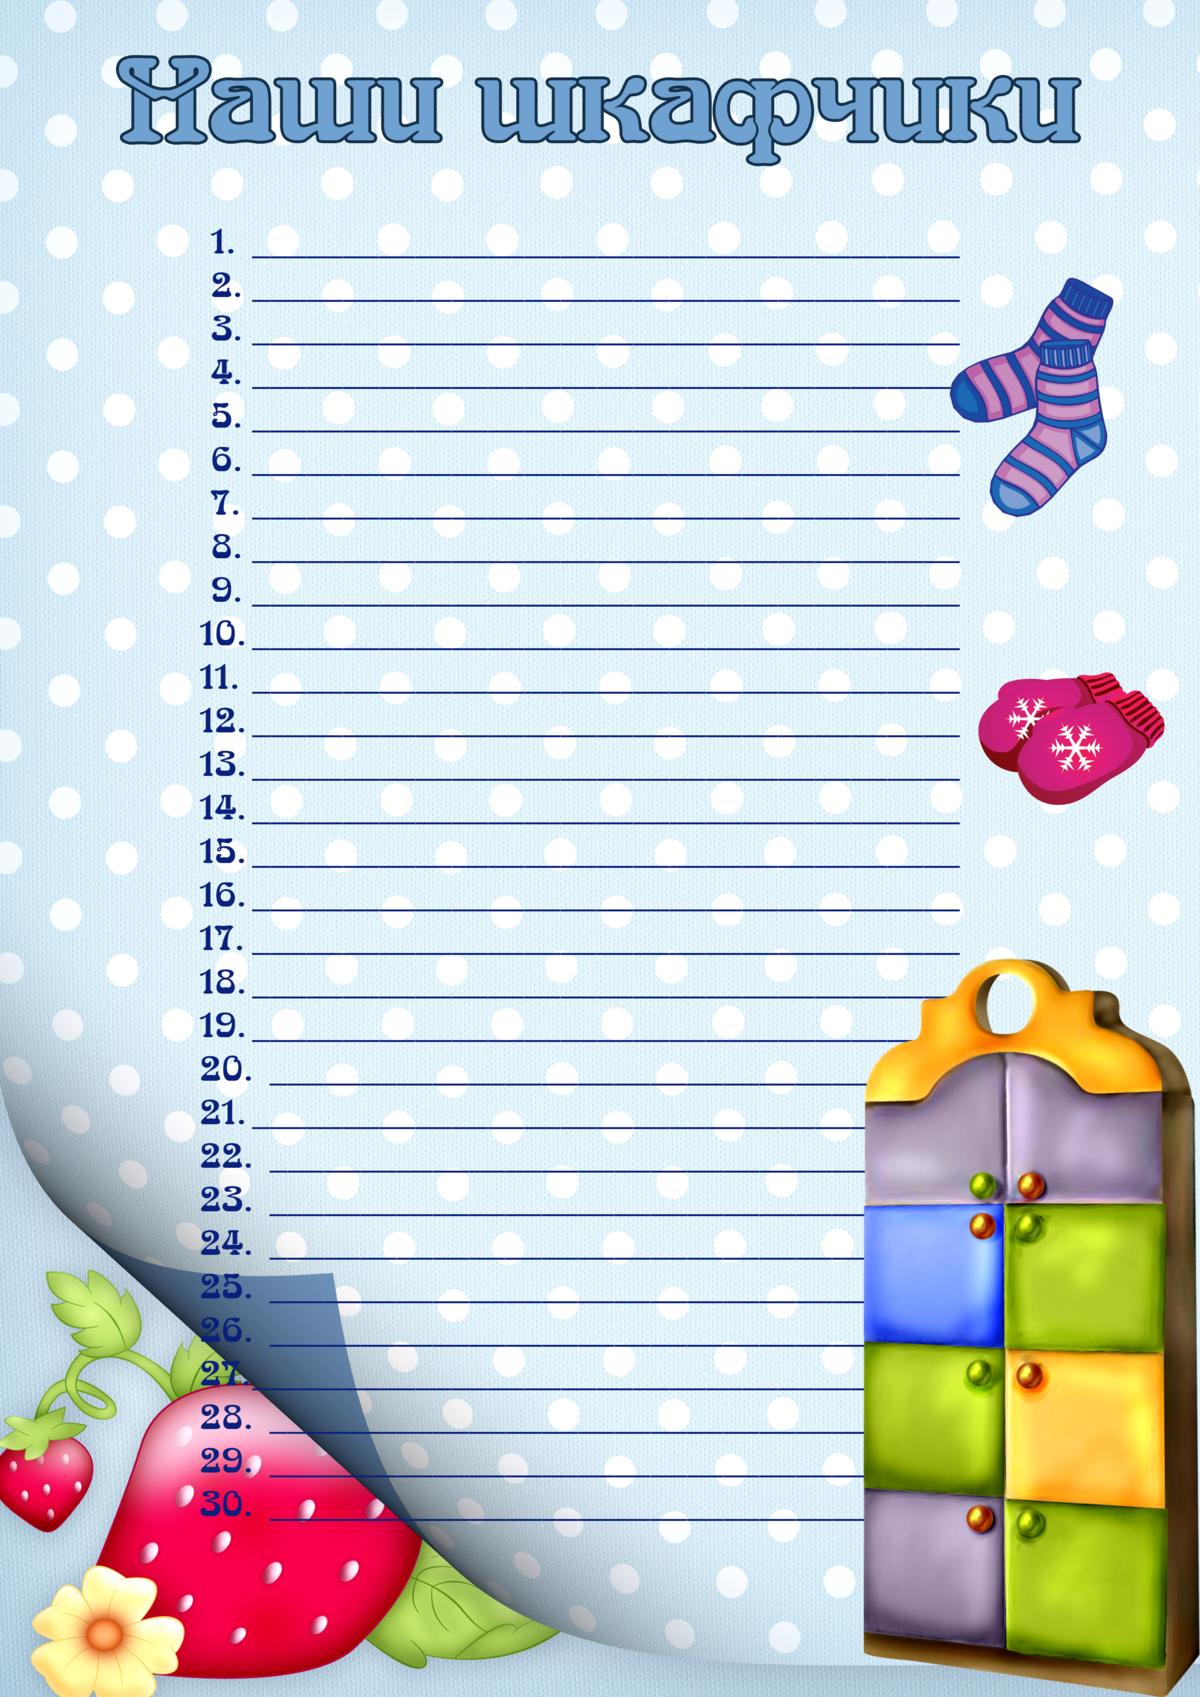 списки на шкафчики полотенца картинки предложения